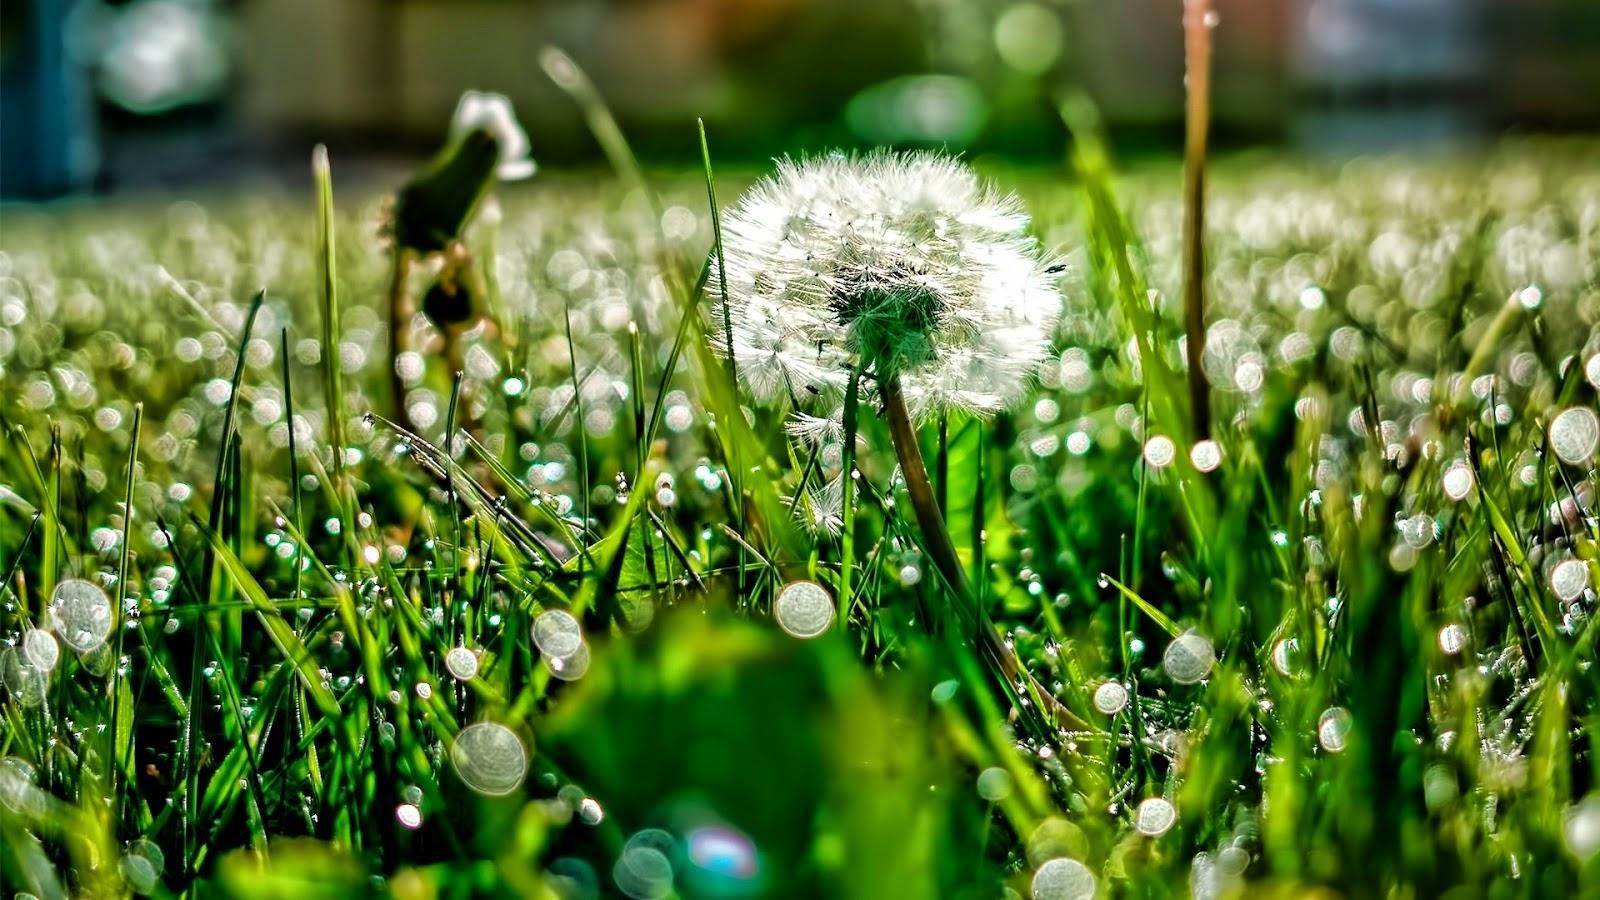 Indah Dan Penuh Arti Bunga Dandelion Rain